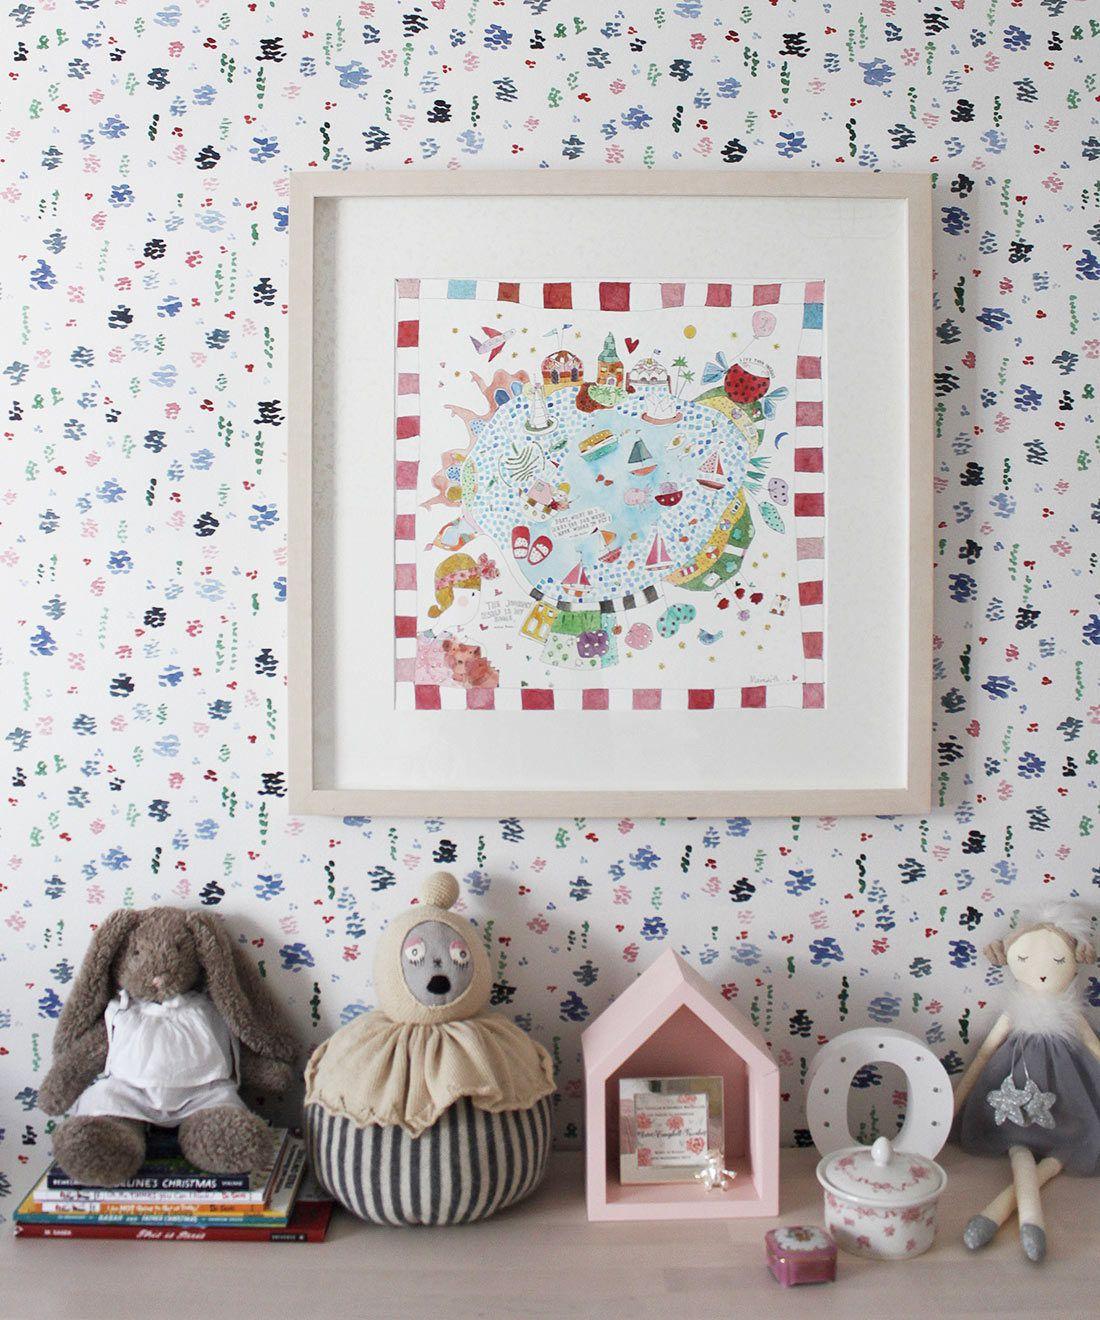 Spring Garden • Abstract Inky Floral Wallpaper • Georgia MacMillan